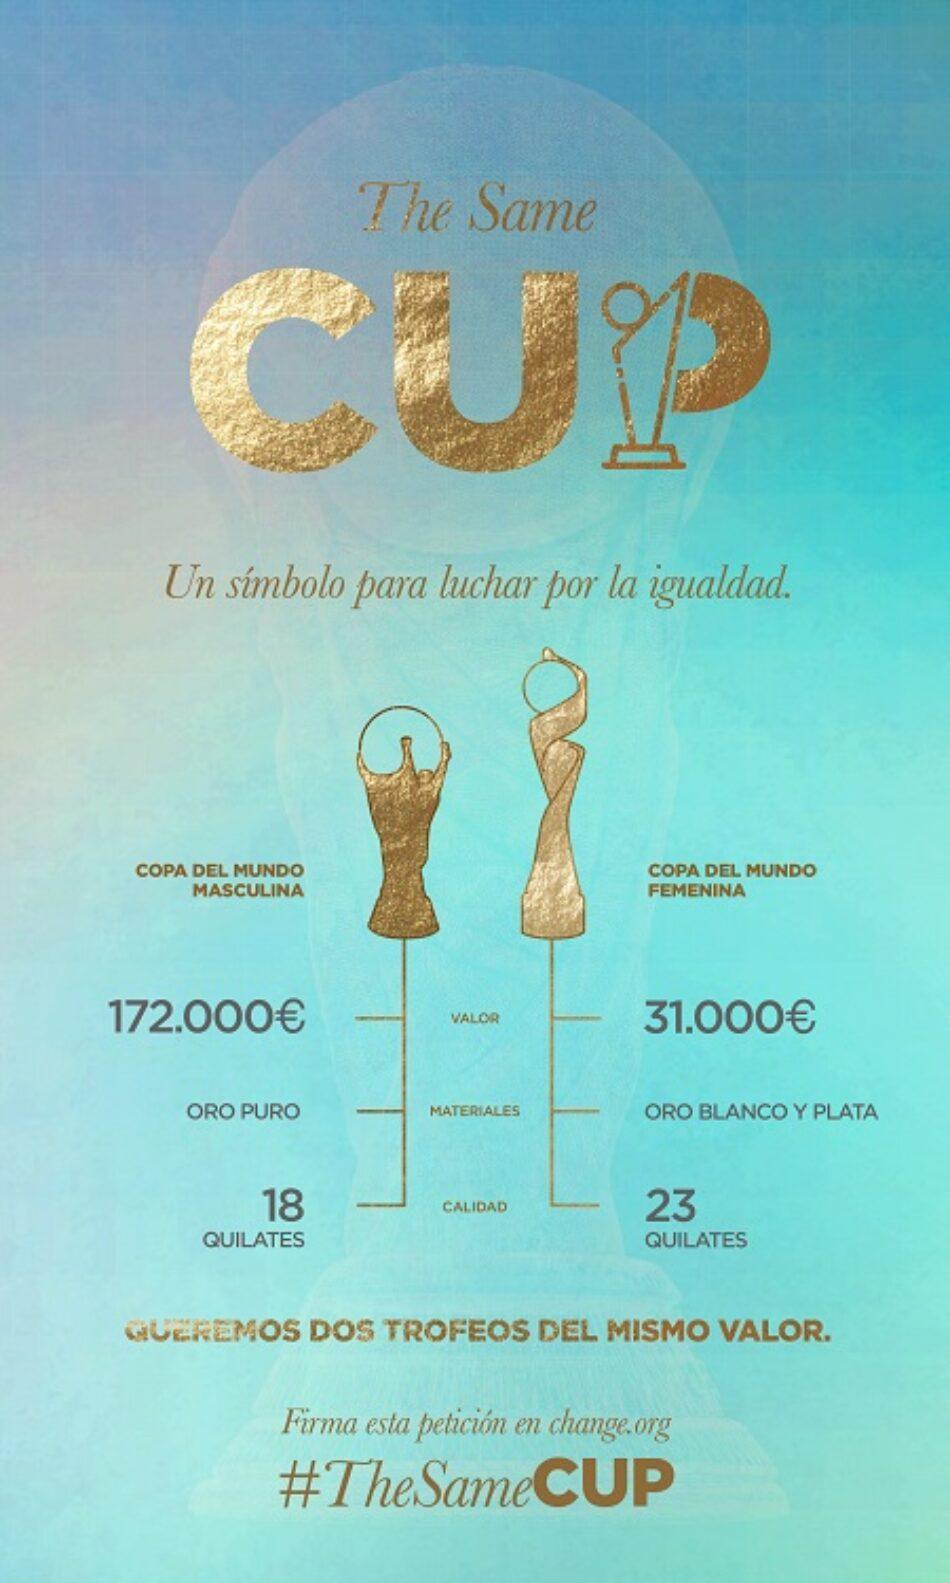 #TheSameCup: una iniciativa para que el trofeo del Mundial Femenino de fútbol tenga el mismo valor que el trofeo que levantan los hombres